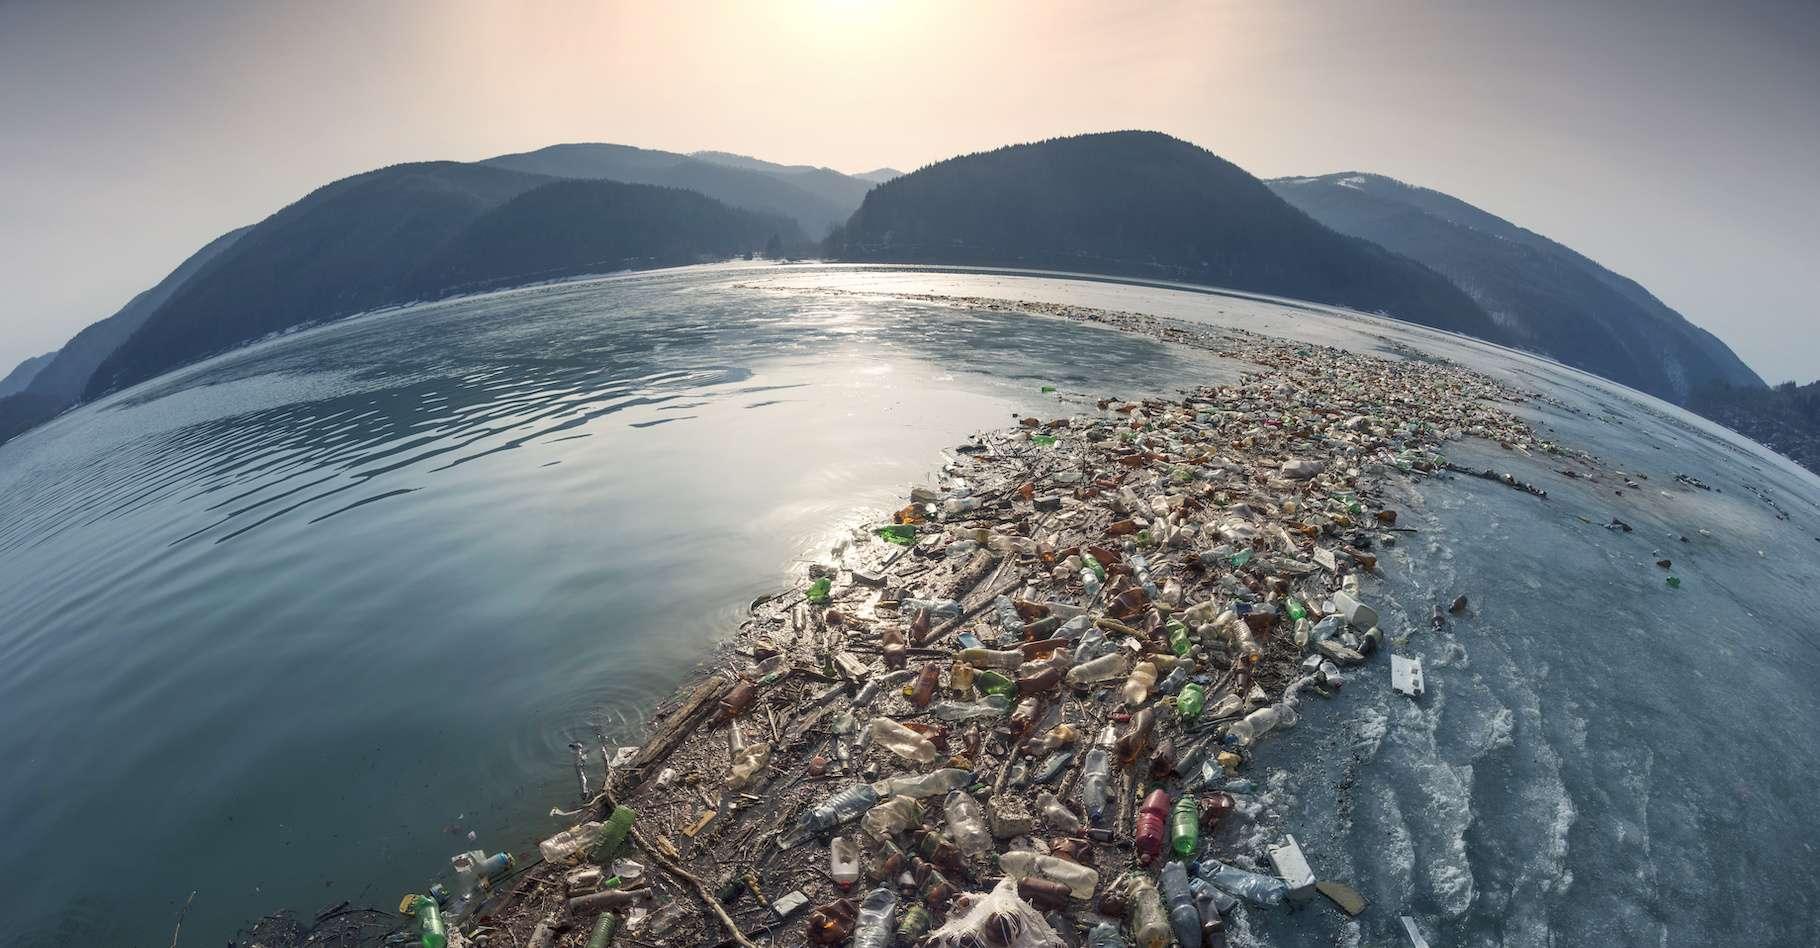 Pour sauver les océans, il est nécessaire d'opter pour une approche holistique qui englobe tous les aspects de l'écosystème. © panaramka, Adobe Stock